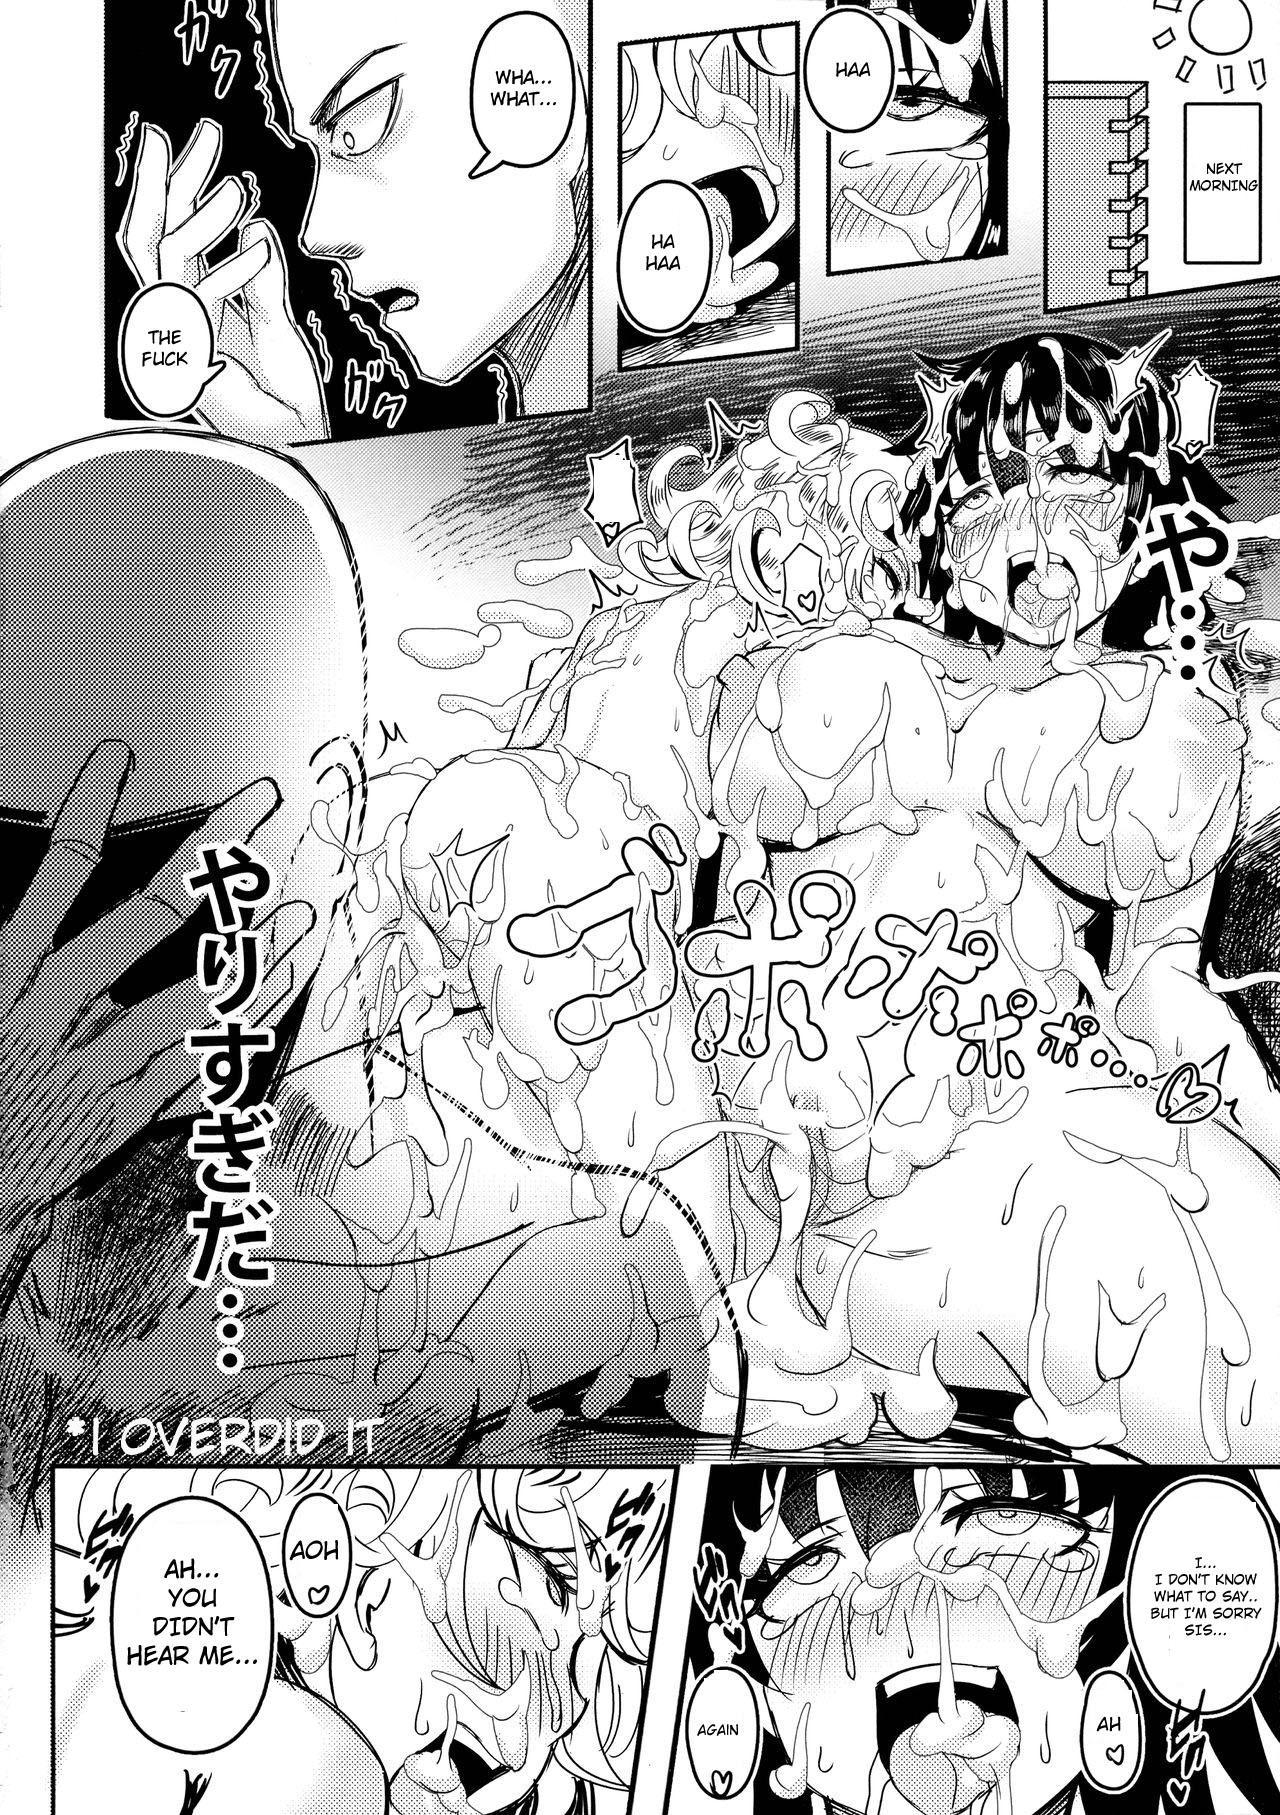 ONE PORNCH MAN Tatsumaki Shimai 23